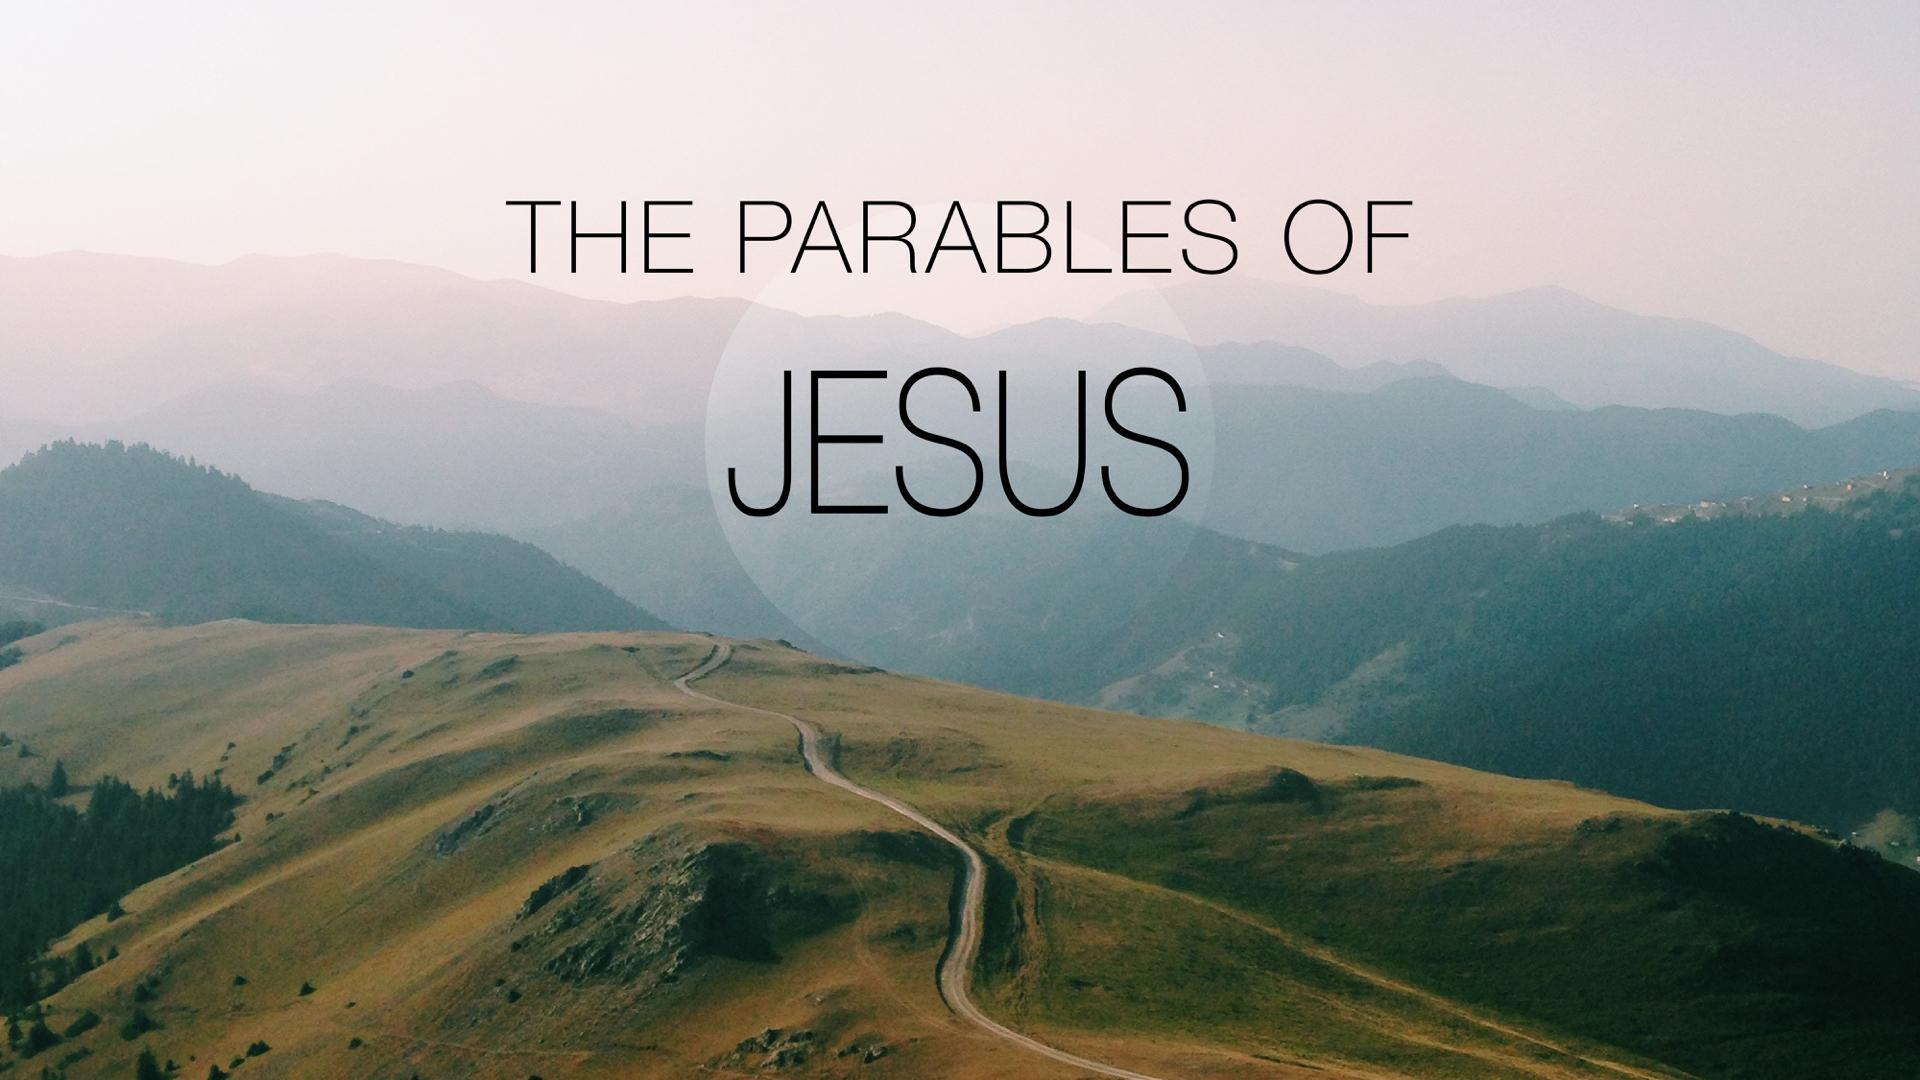 Parables of Jesus slide